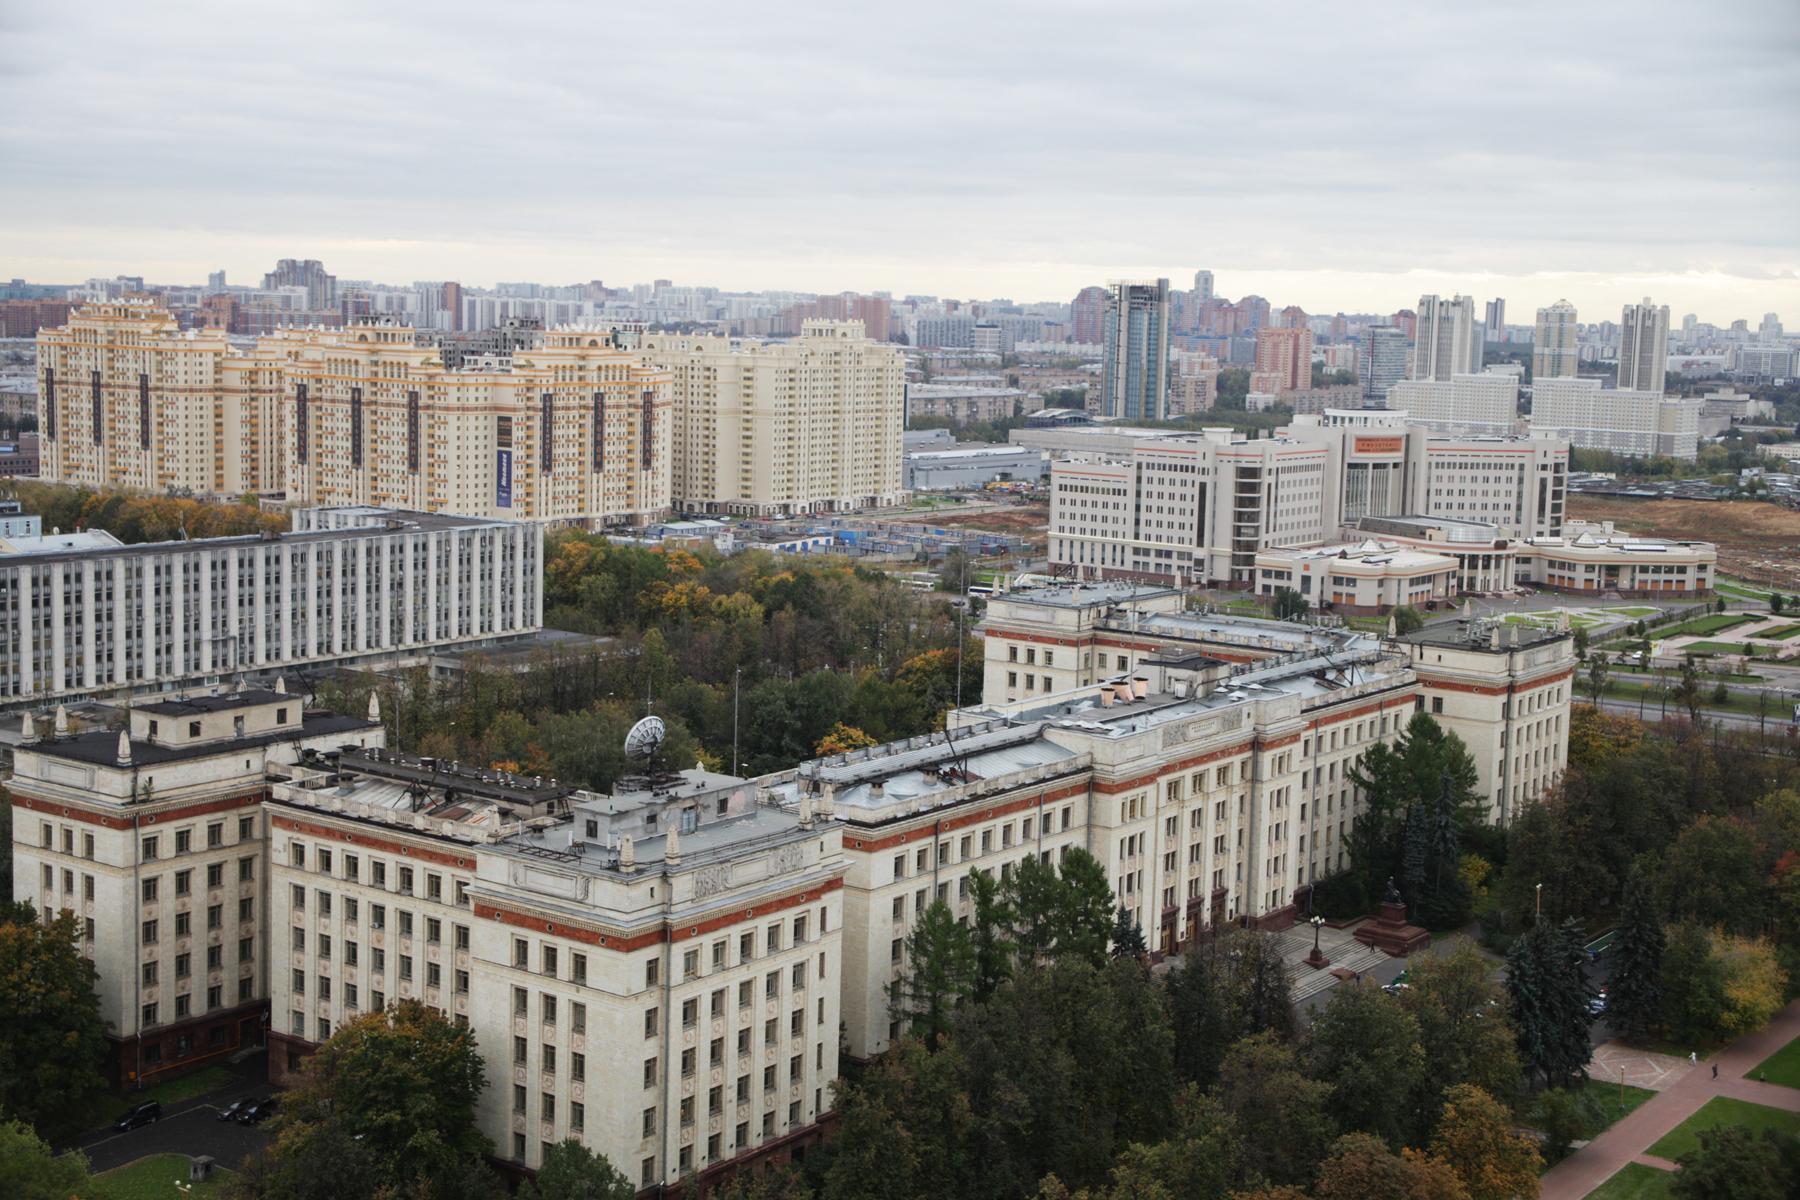 Concurso de Projeto para Museu e Centro Educacional do Museu Politécnico da Universidade de Lomonosov / Moscou - Rússia